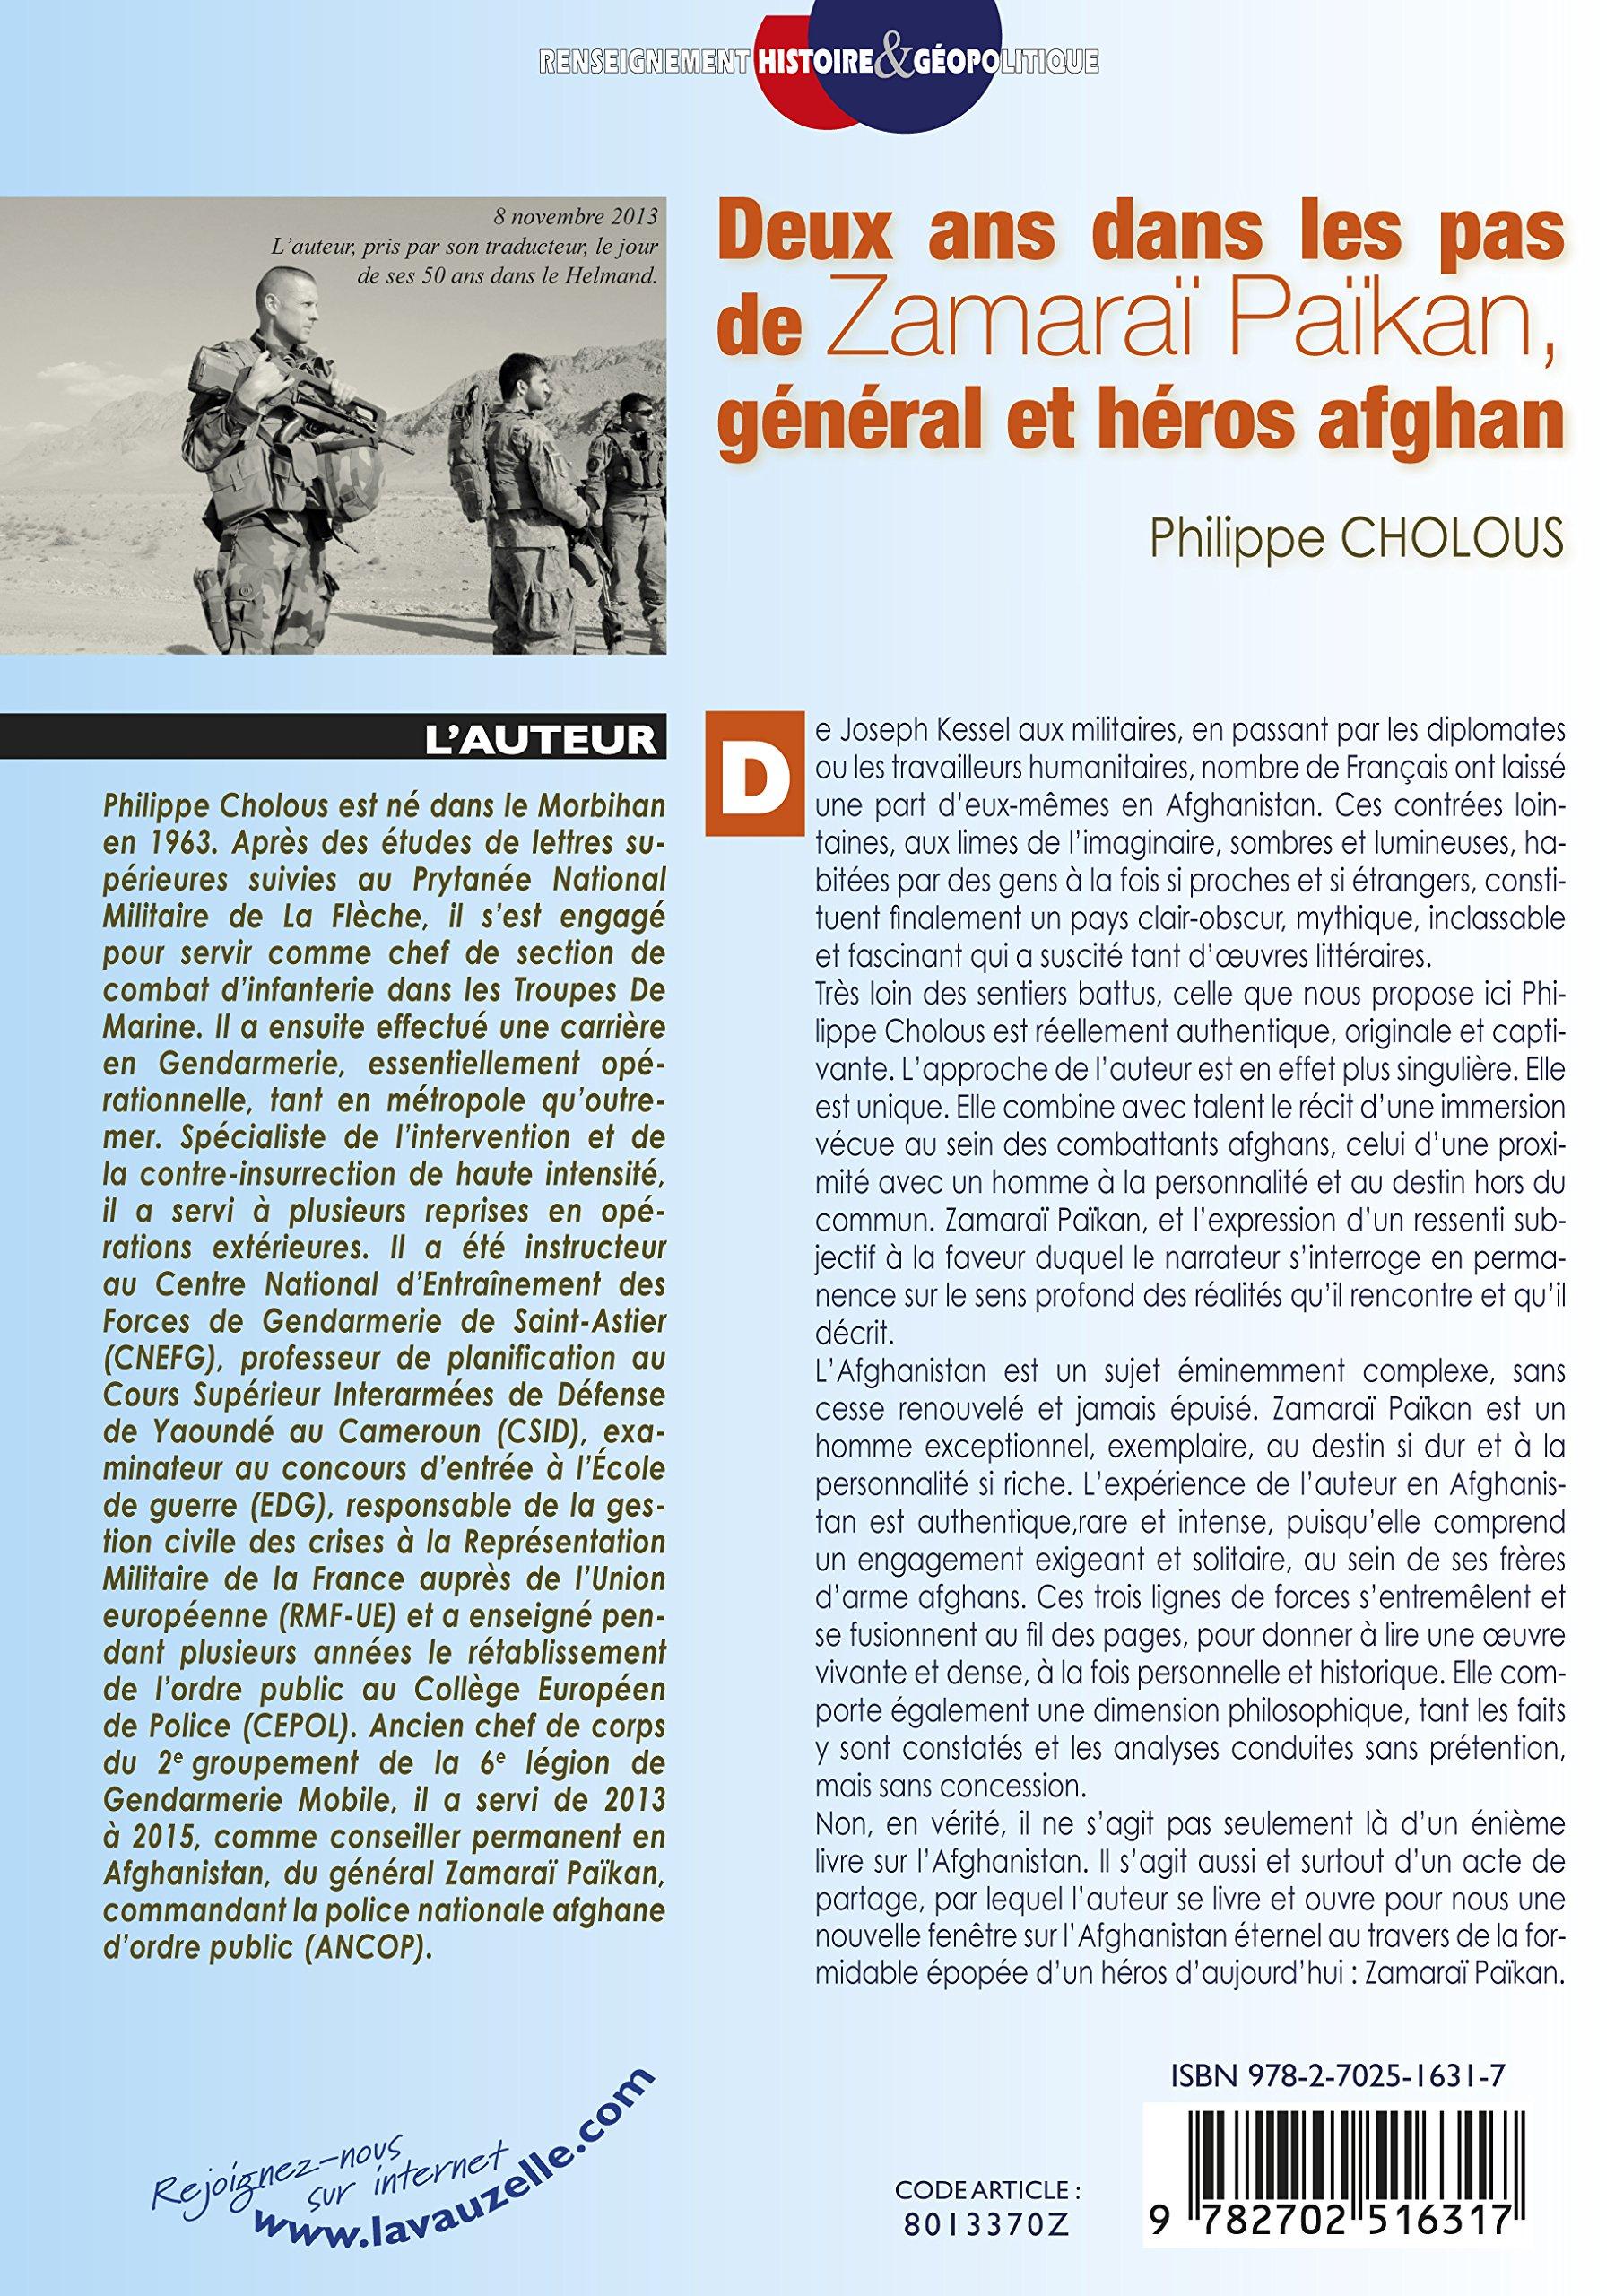 Deux ans dans les pas de Zamaraï Païkan, général et héros afghan.